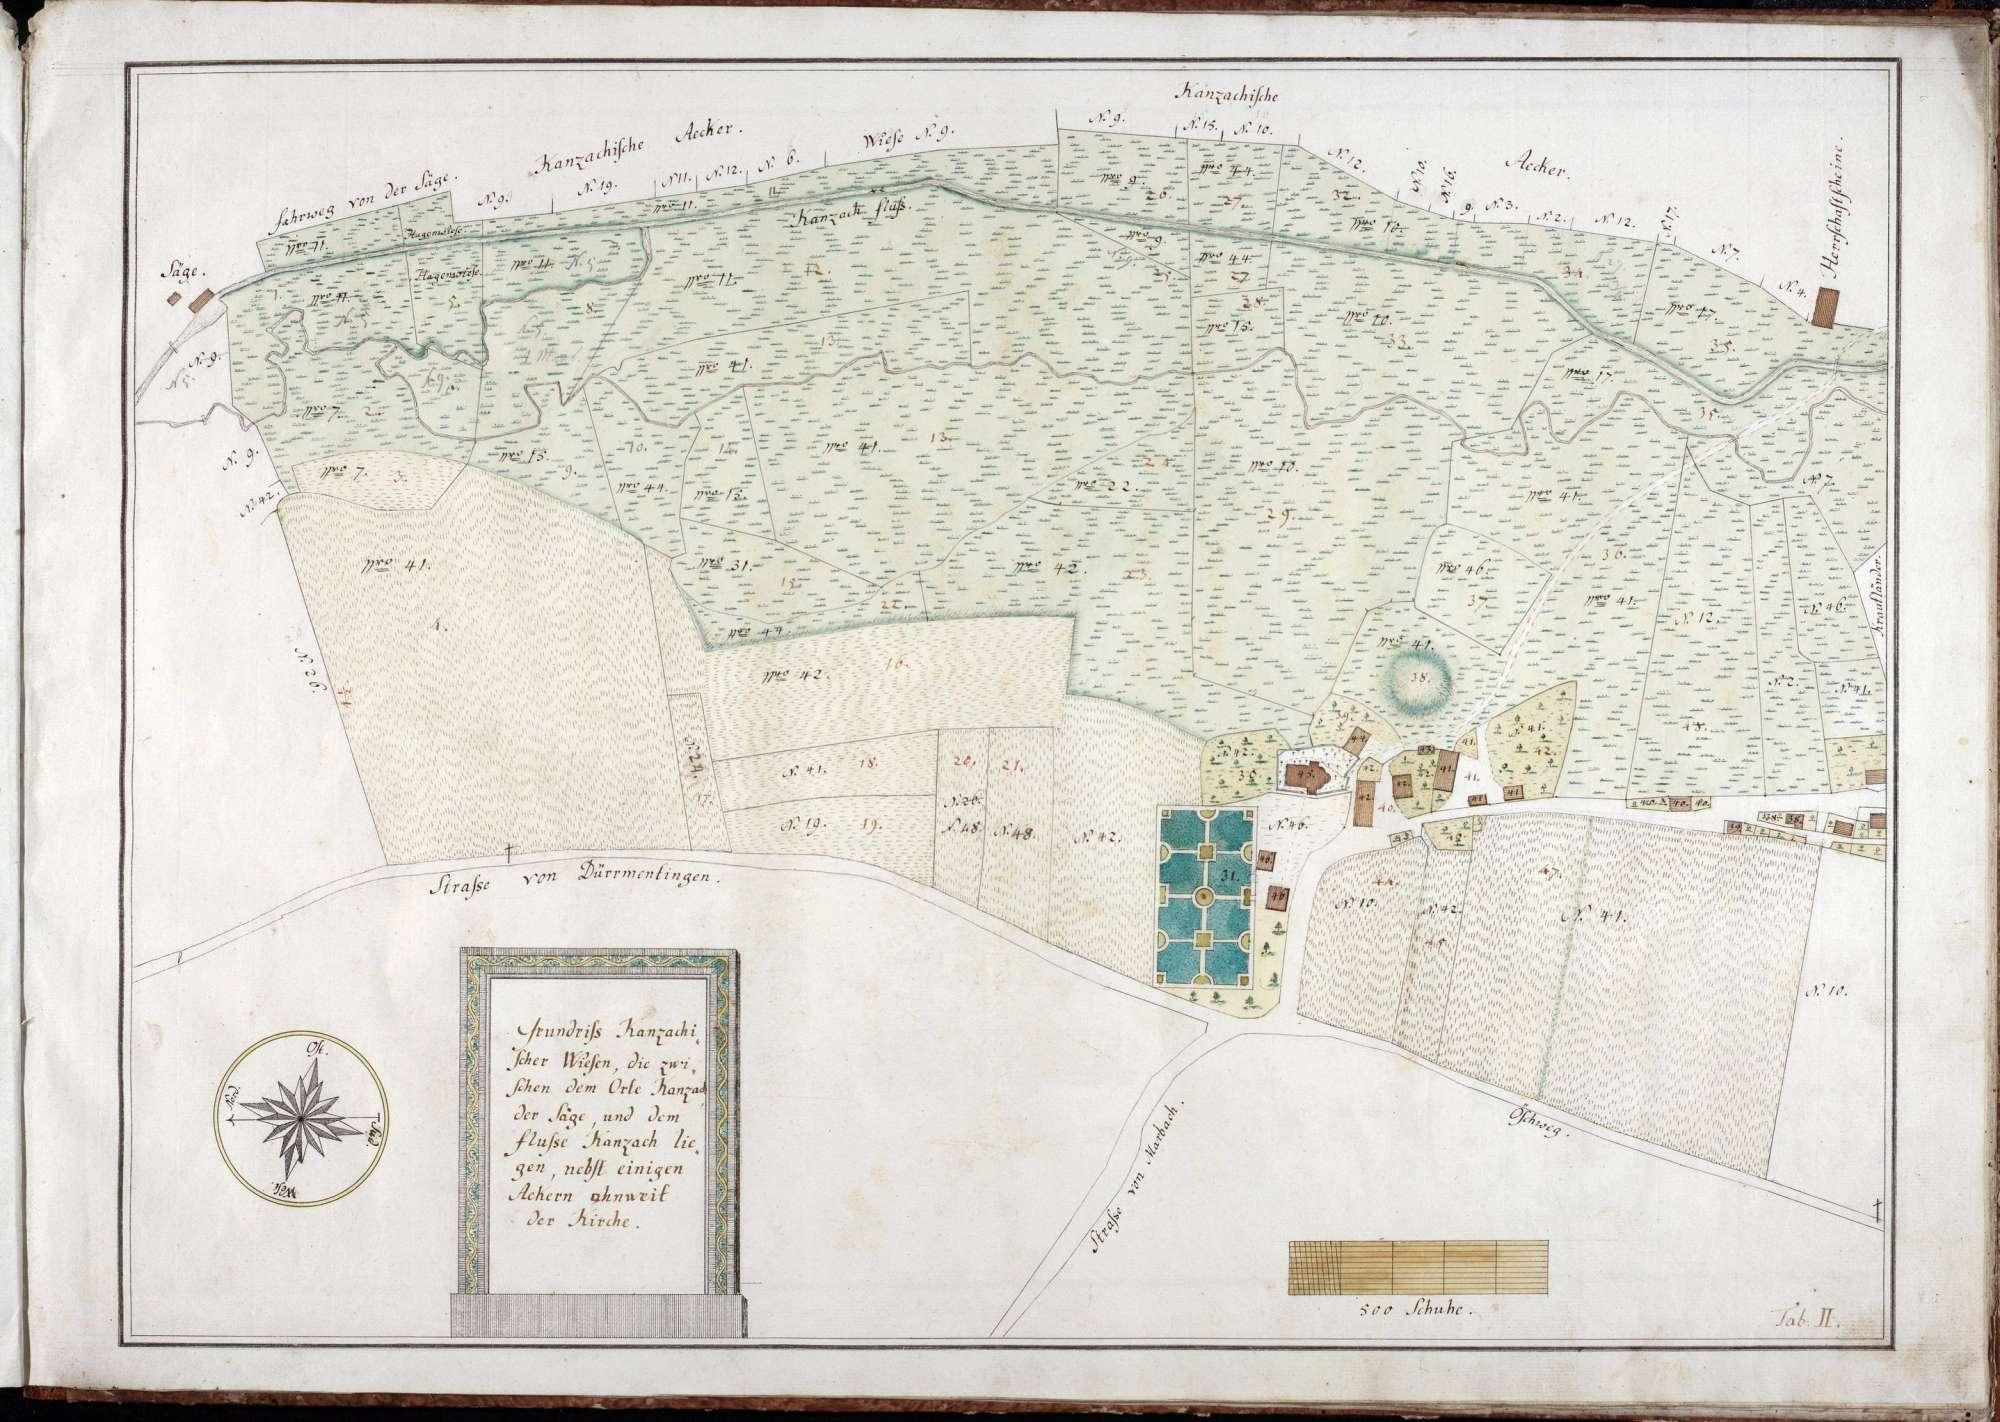 Forst- und Jurisdiktionsbeschreibung von Kanzach 11 Zeichnungen in einer Mappe unterschiedliche Maßstäbe col. handgez., Bild 3